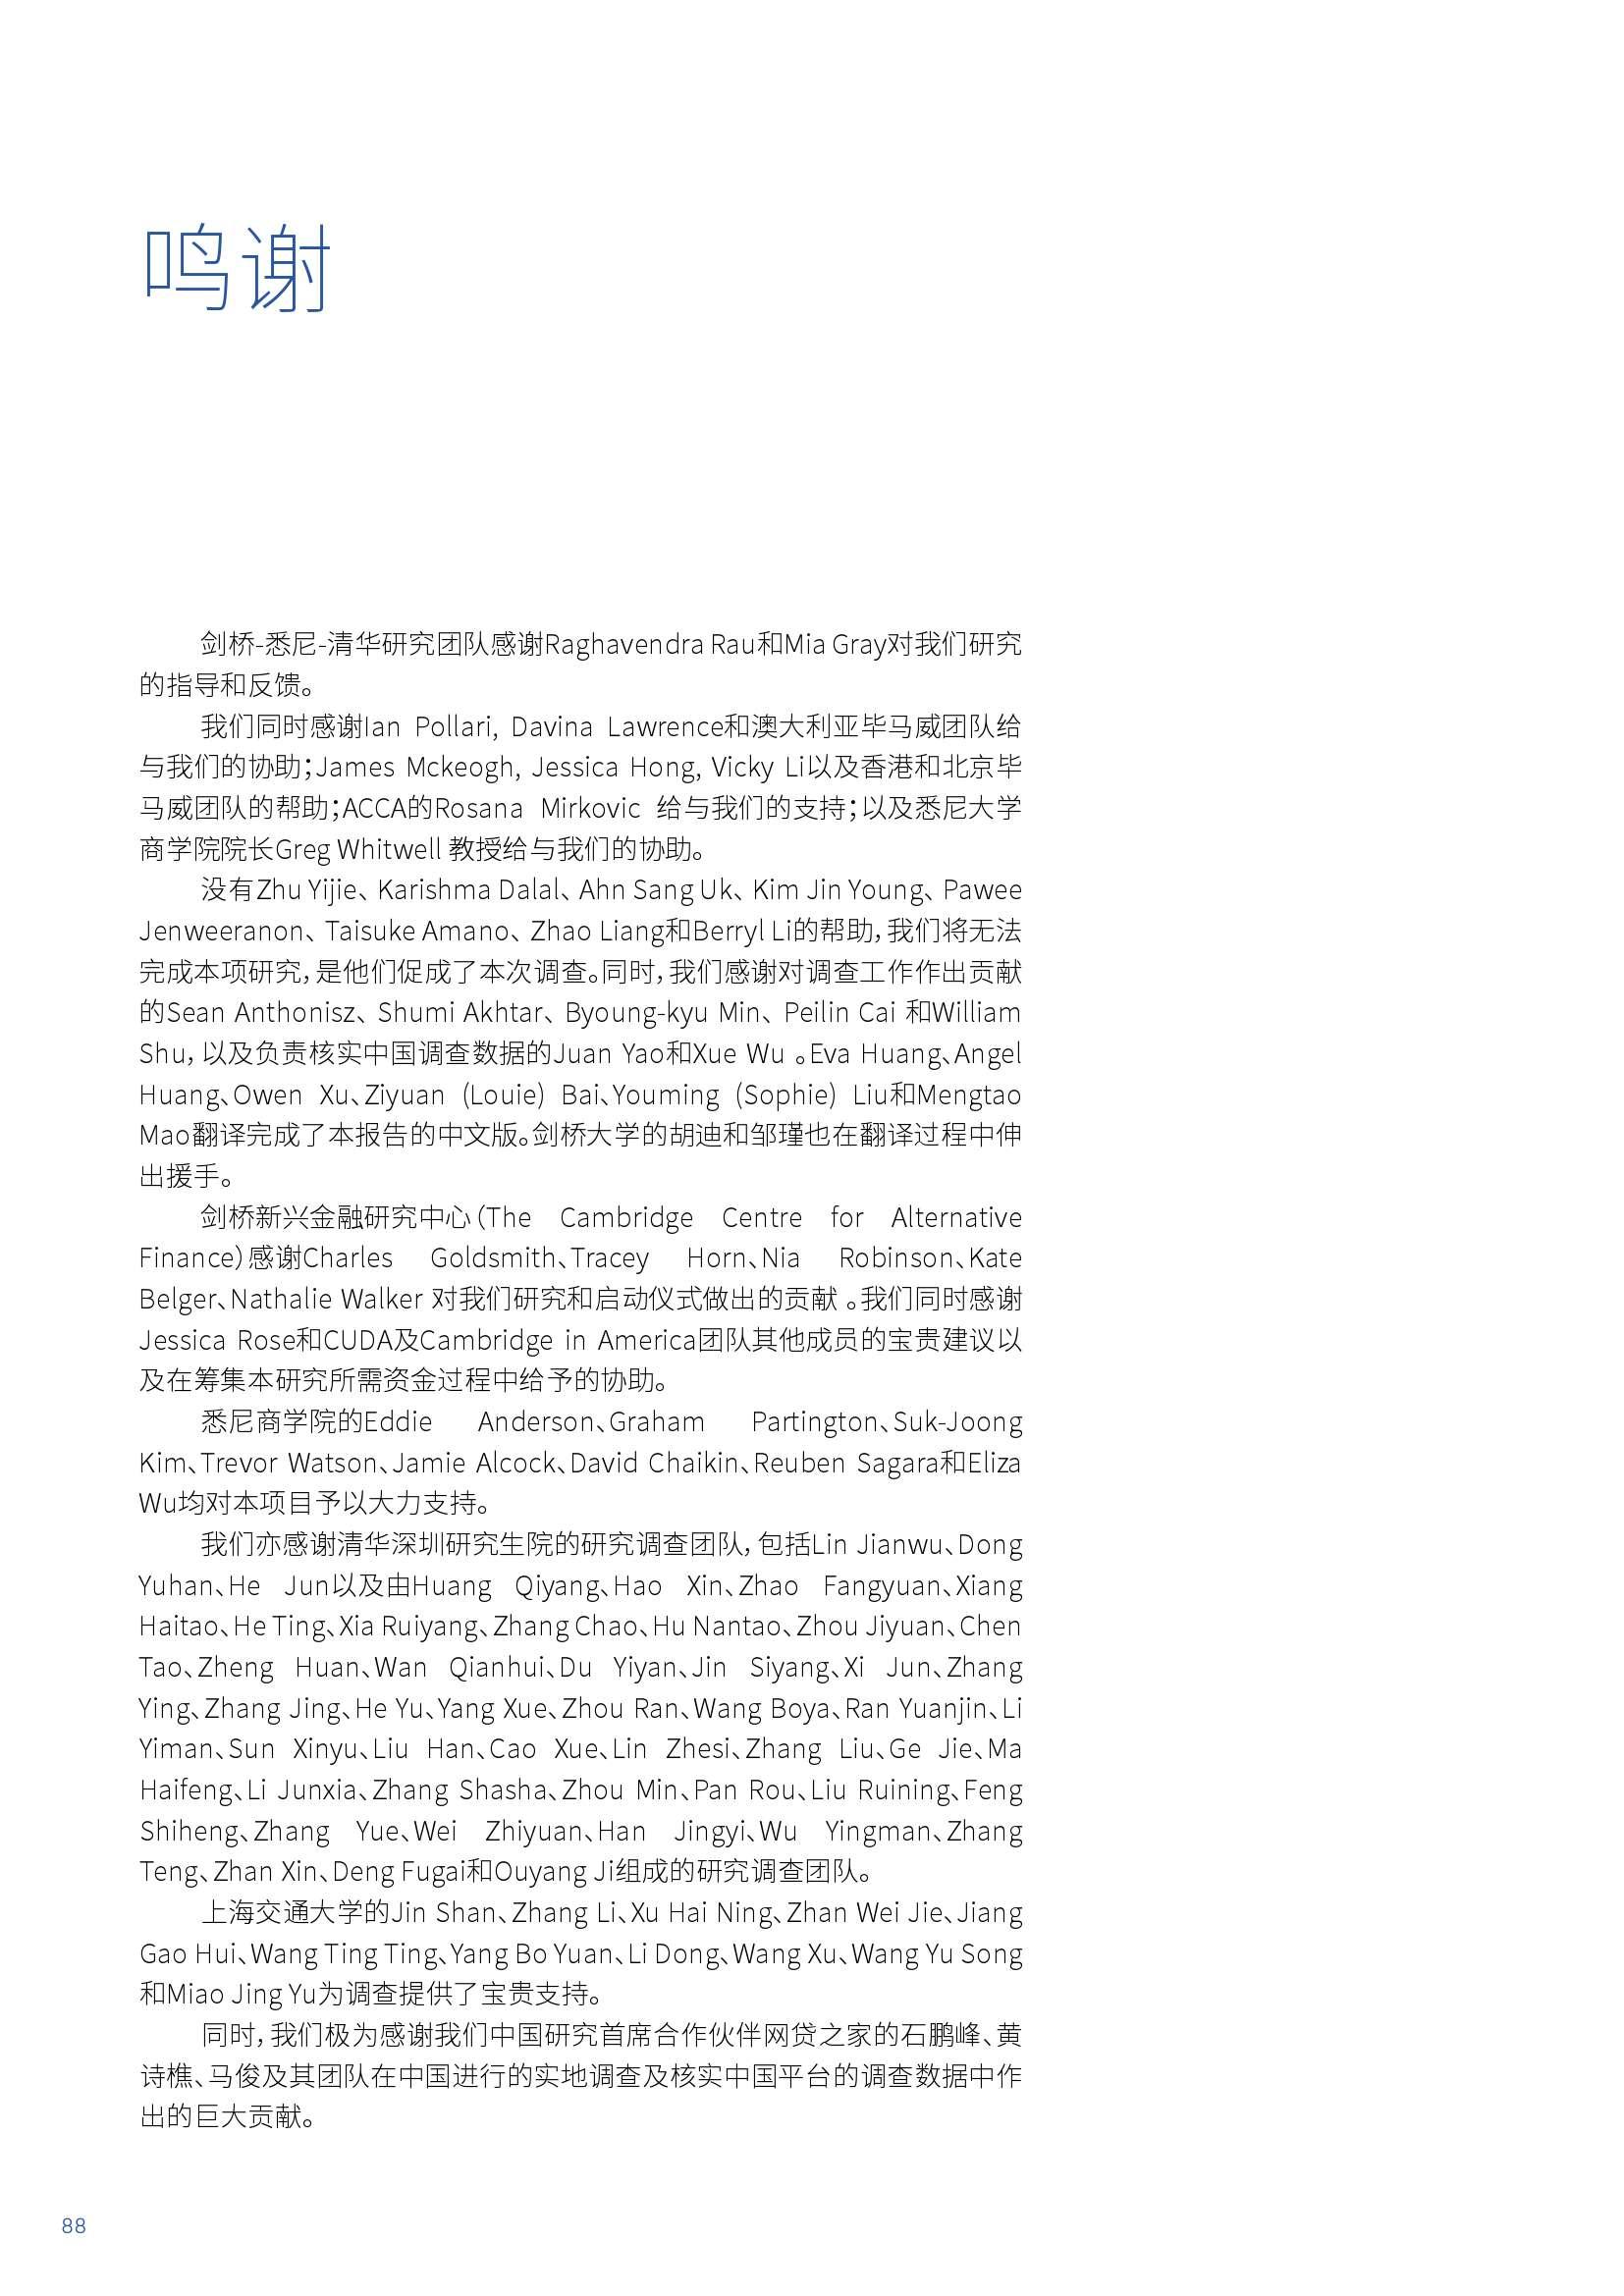 亚太地区网络替代金融基准报告_000088